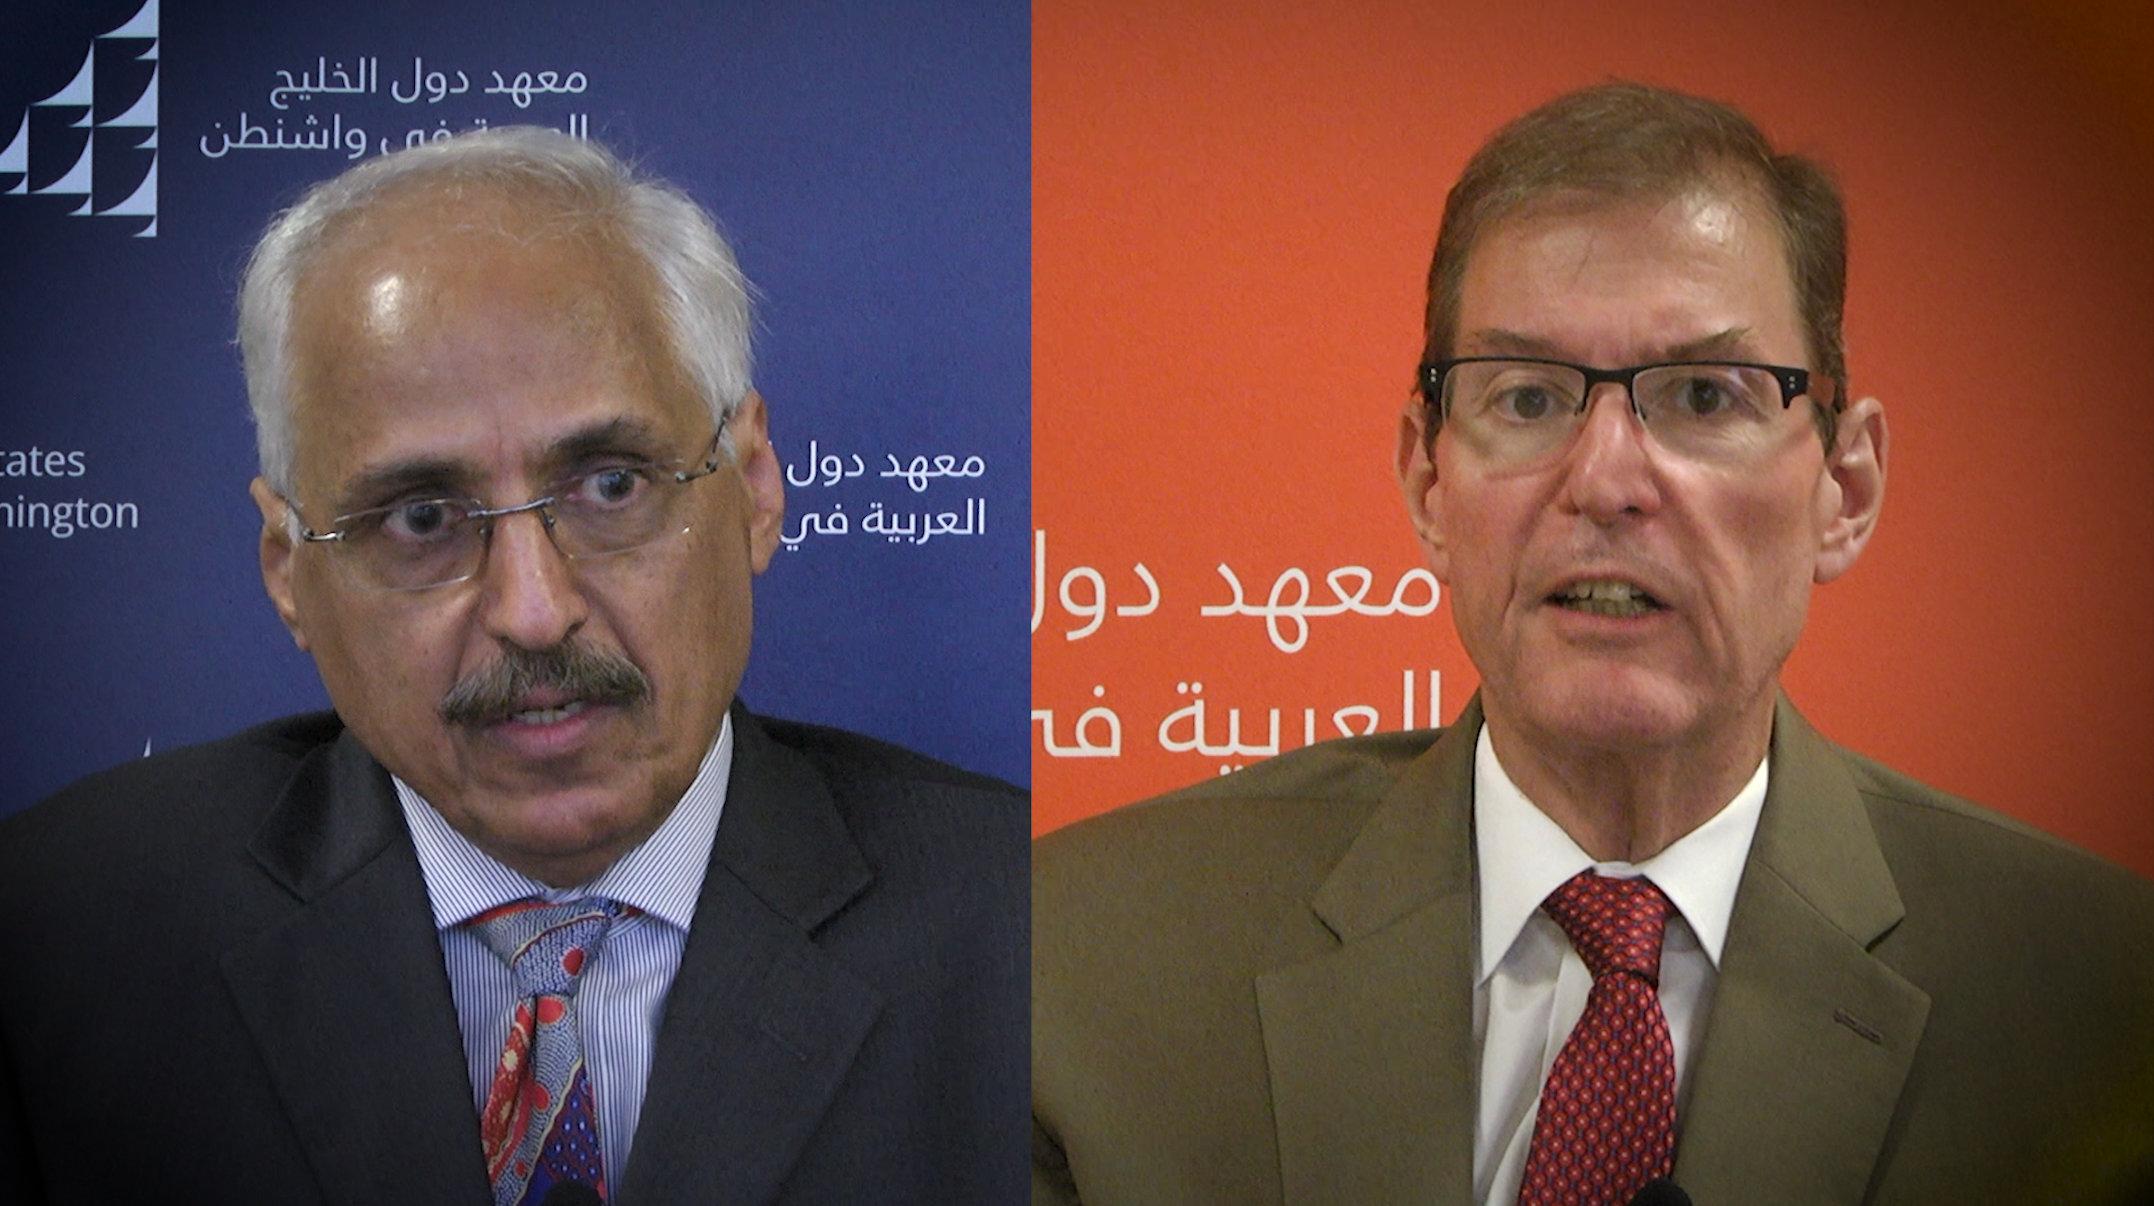 Abdel Aziz Aluwaisheg and Hussein Ibish